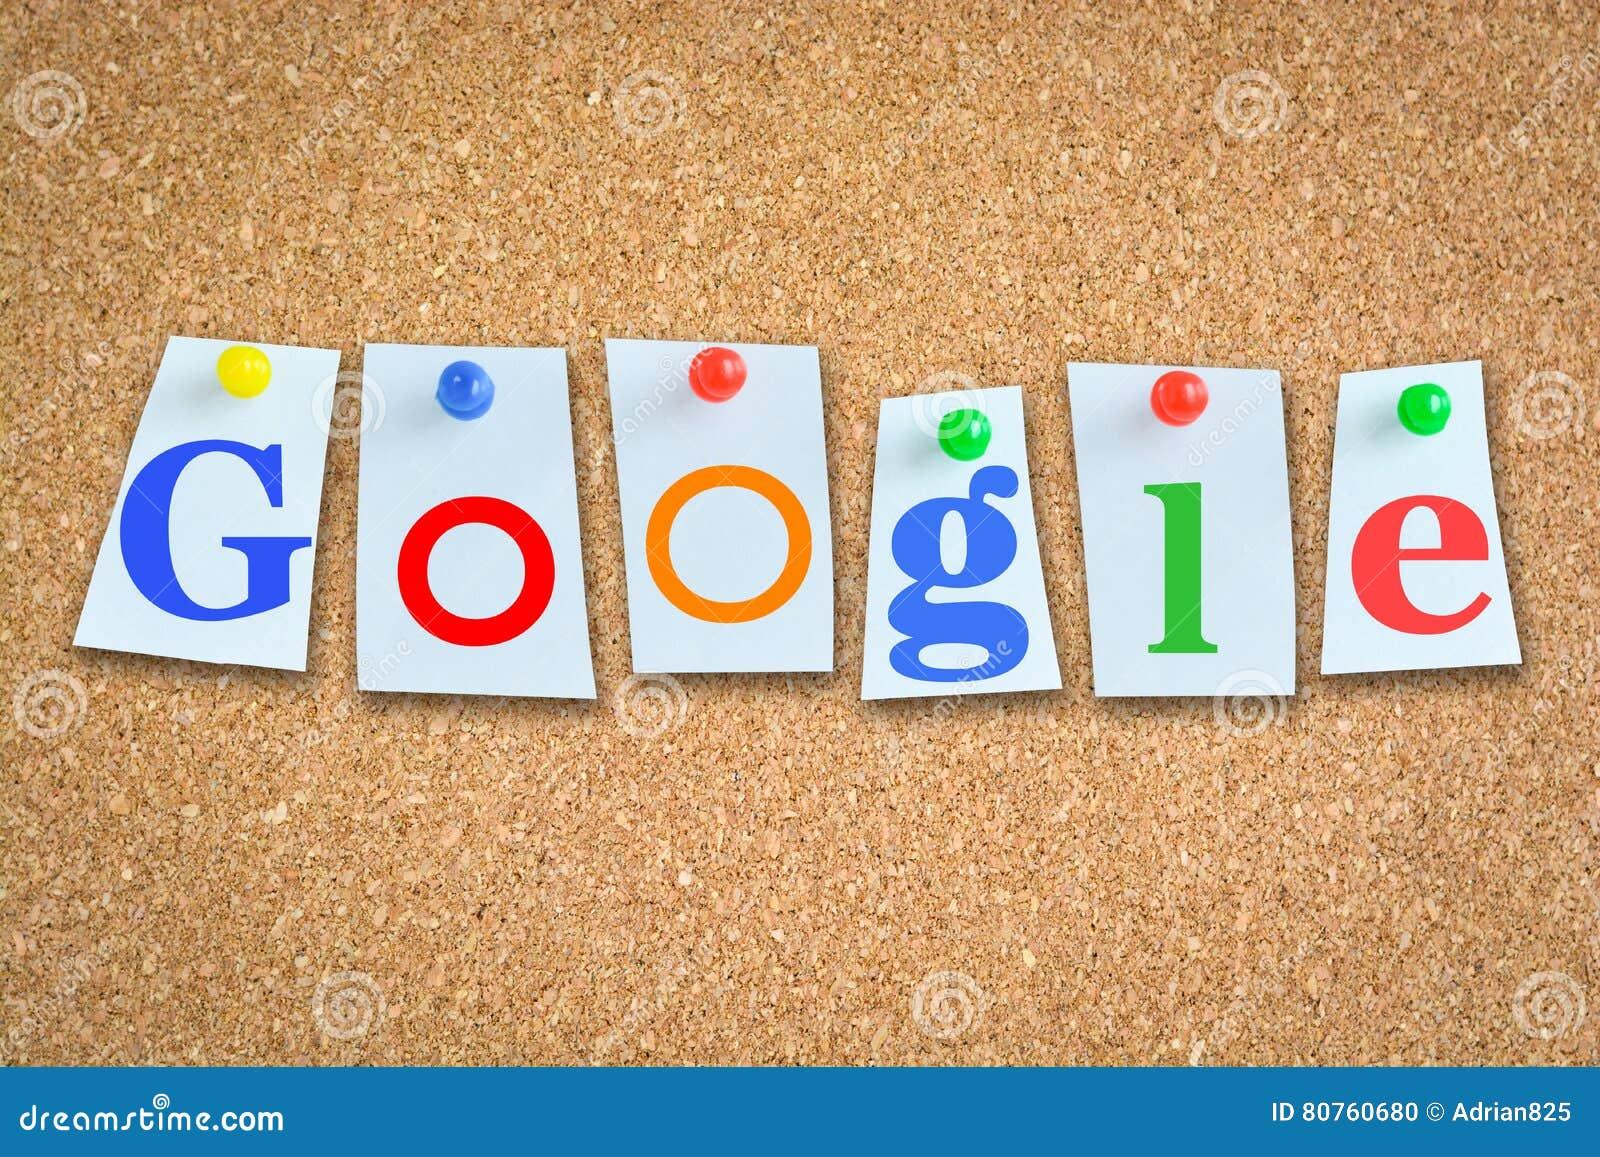 Λέξη Google στον πίνακα διαφημίσεων φελλού με τα έγγραφα και τις καρφίτσες υπομνημάτων